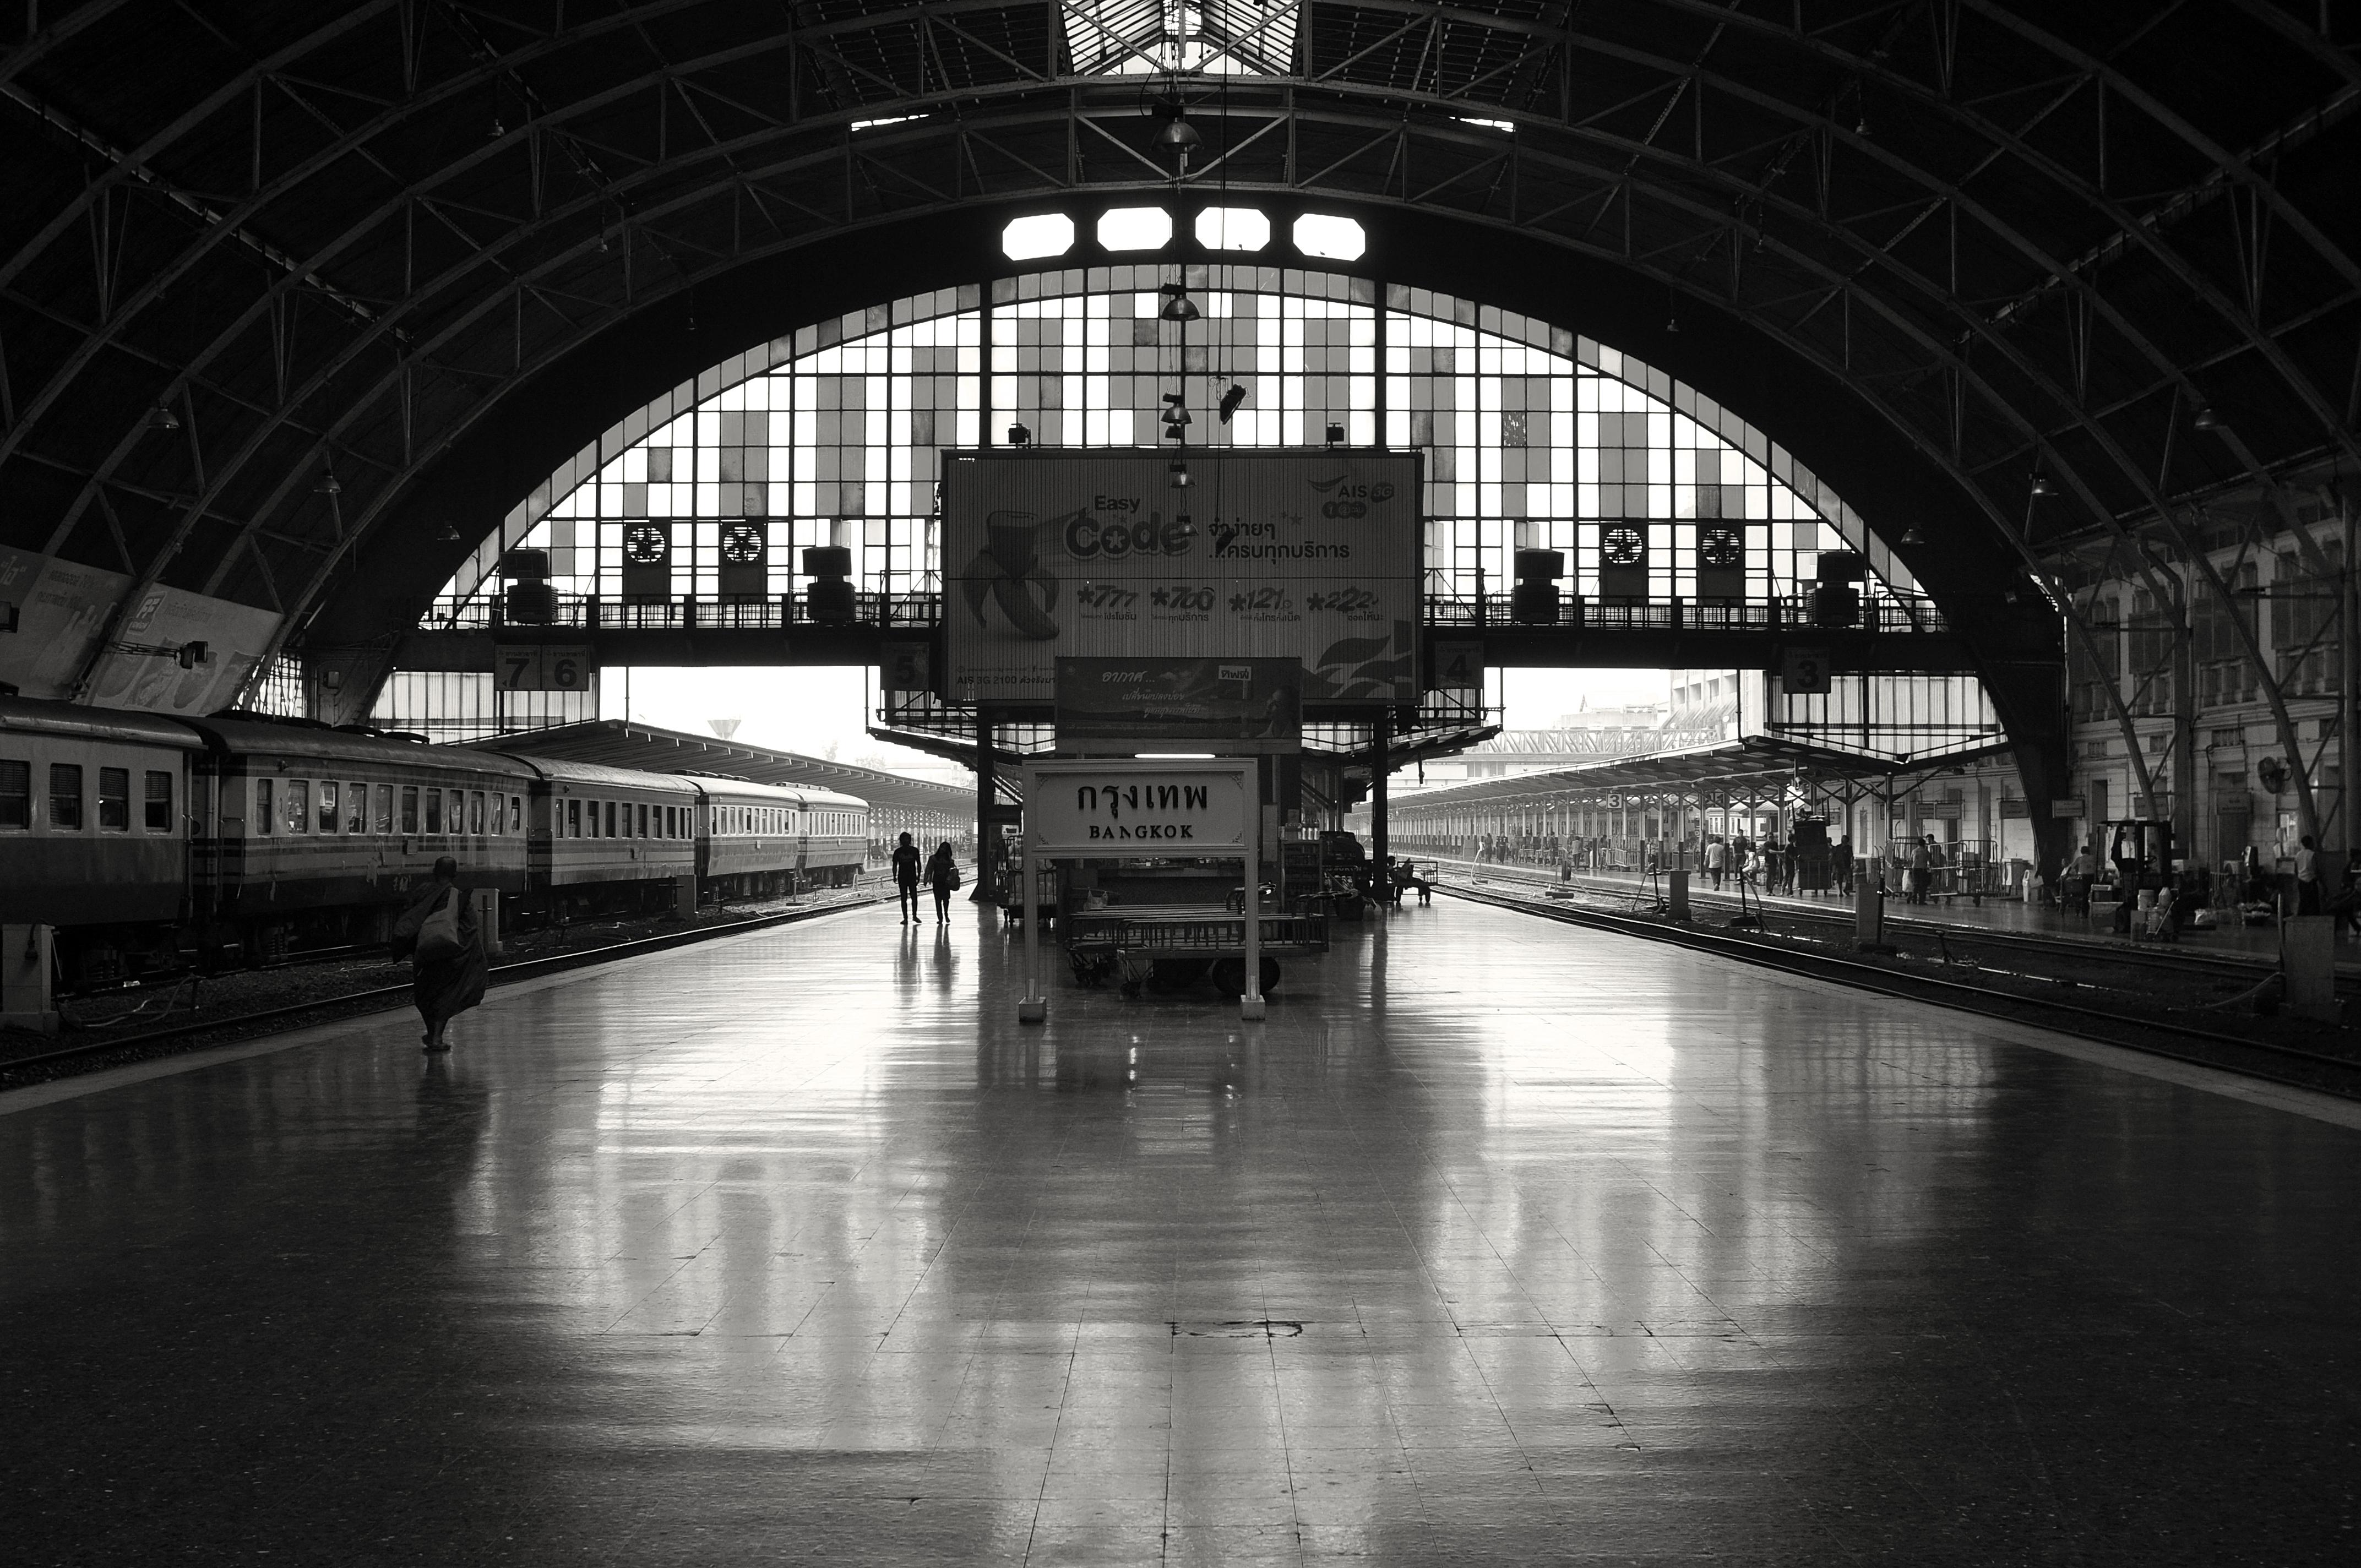 BKK Station